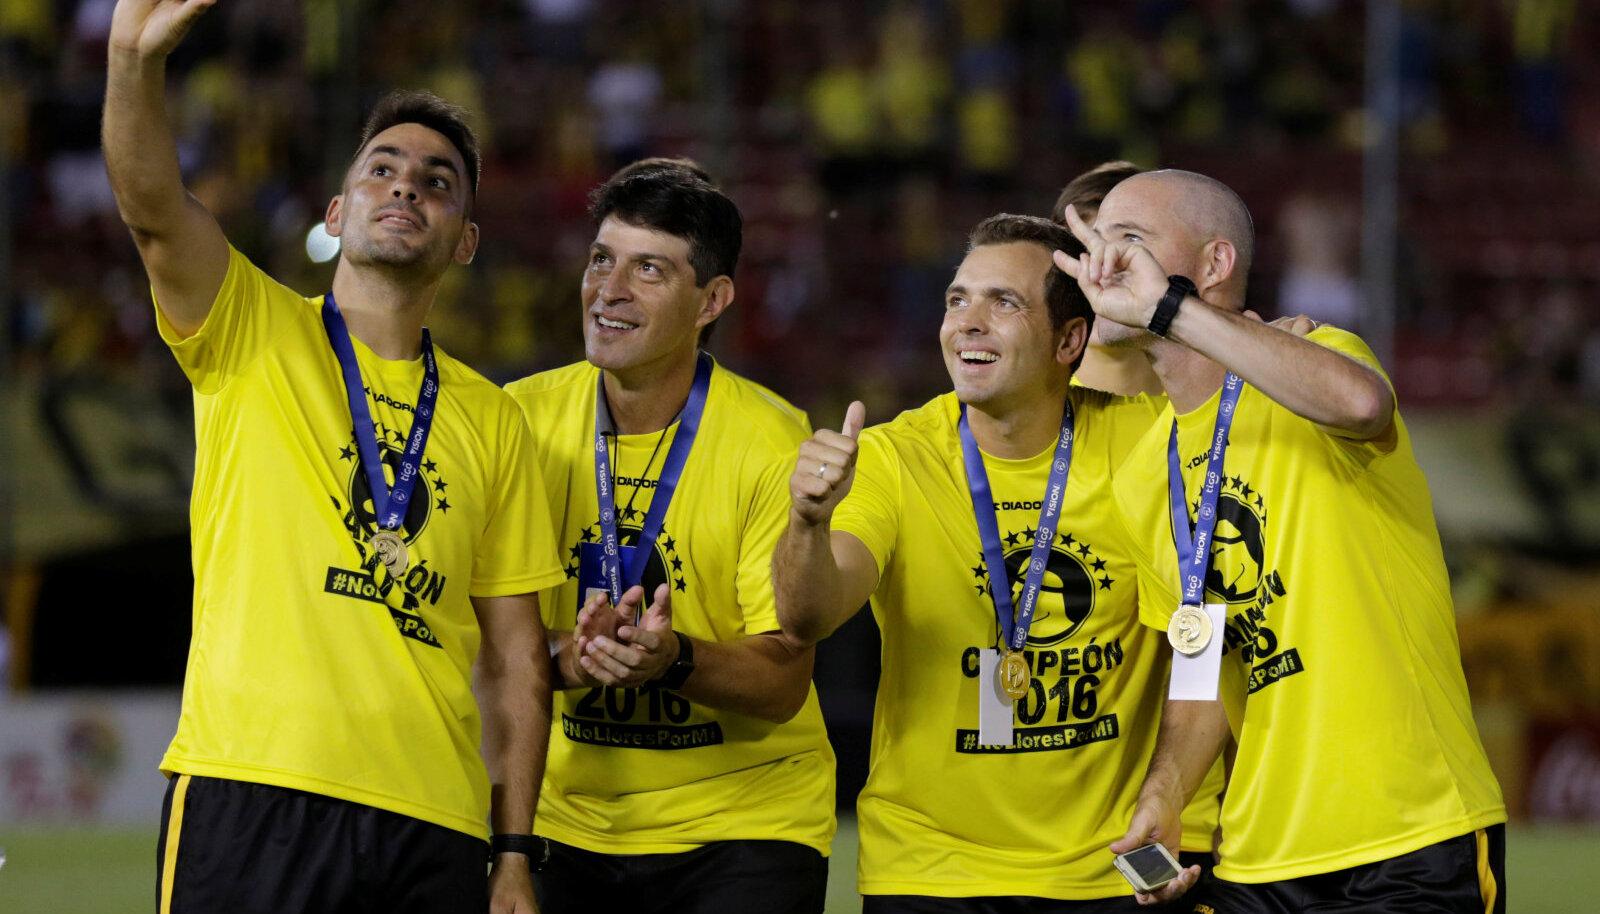 Paraguai Guarani tiimi jalgpallurid pärast tiitlivõitu ennast pildistamas.